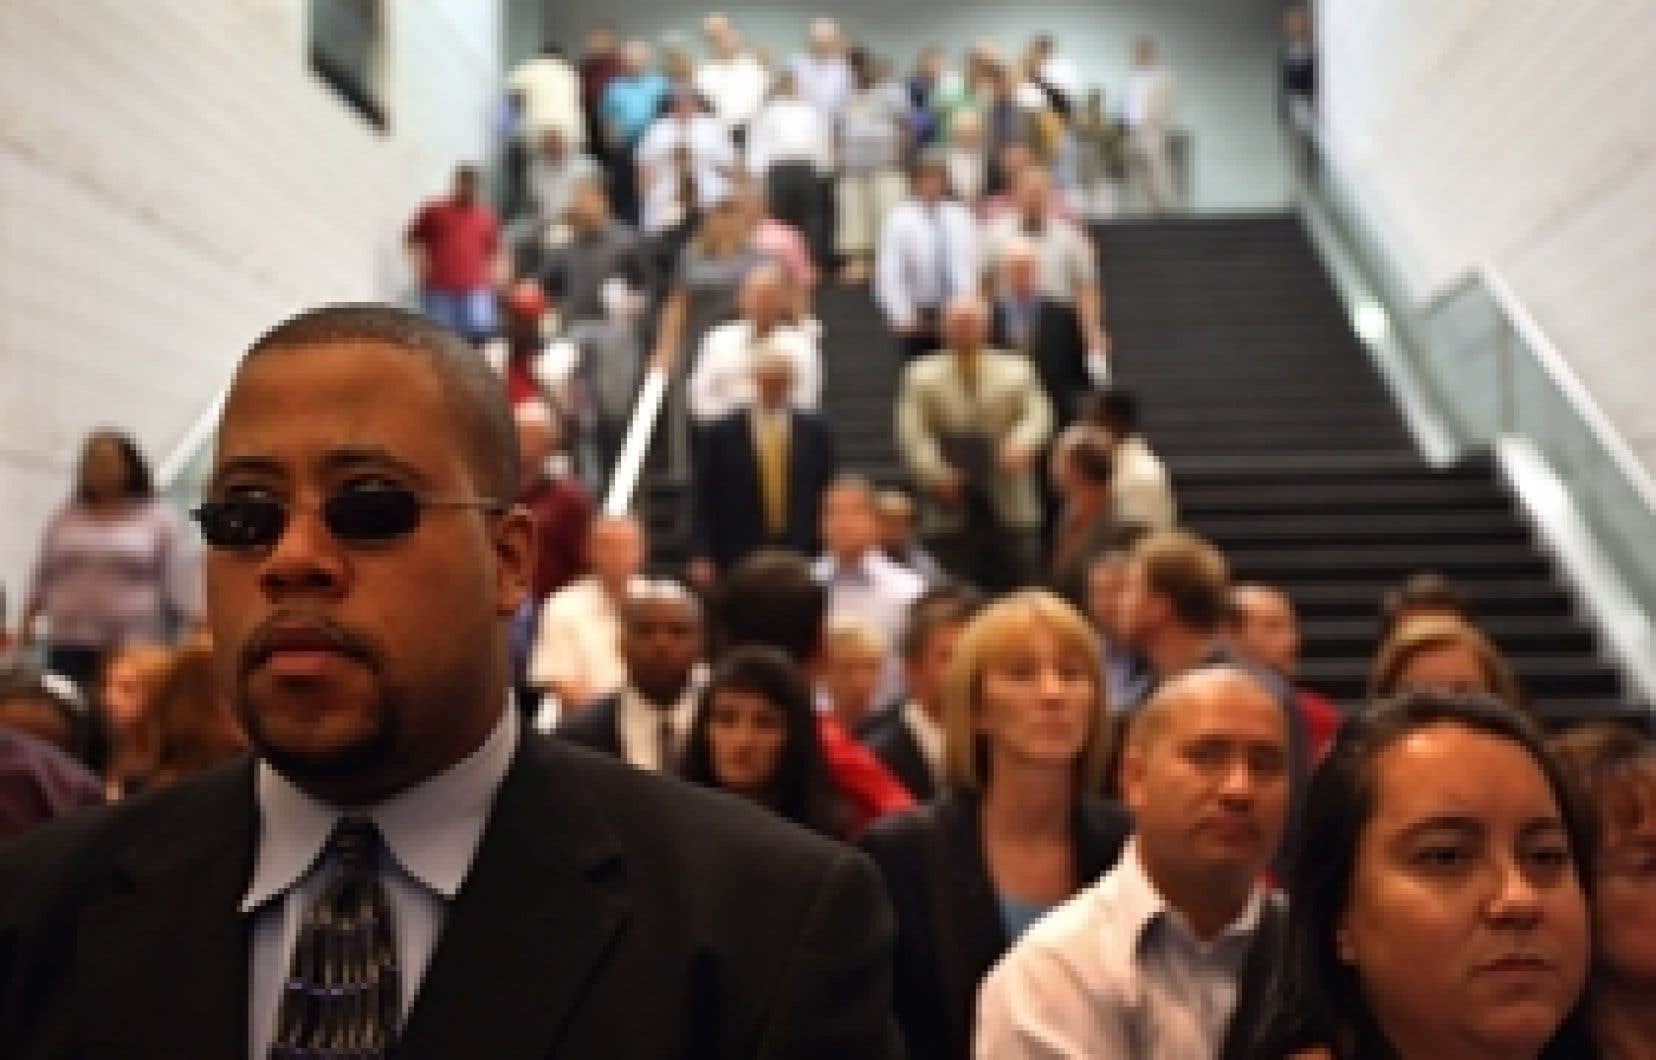 Des centaines d'Américains attendent en file pour s'inscrire à un salon de l'emploi dans le Colorado. L'économie américaine a éliminé 159 000 emplois en septembre, et ce chiffre beaucoup plus important qu'attendu fait craindre que la réc